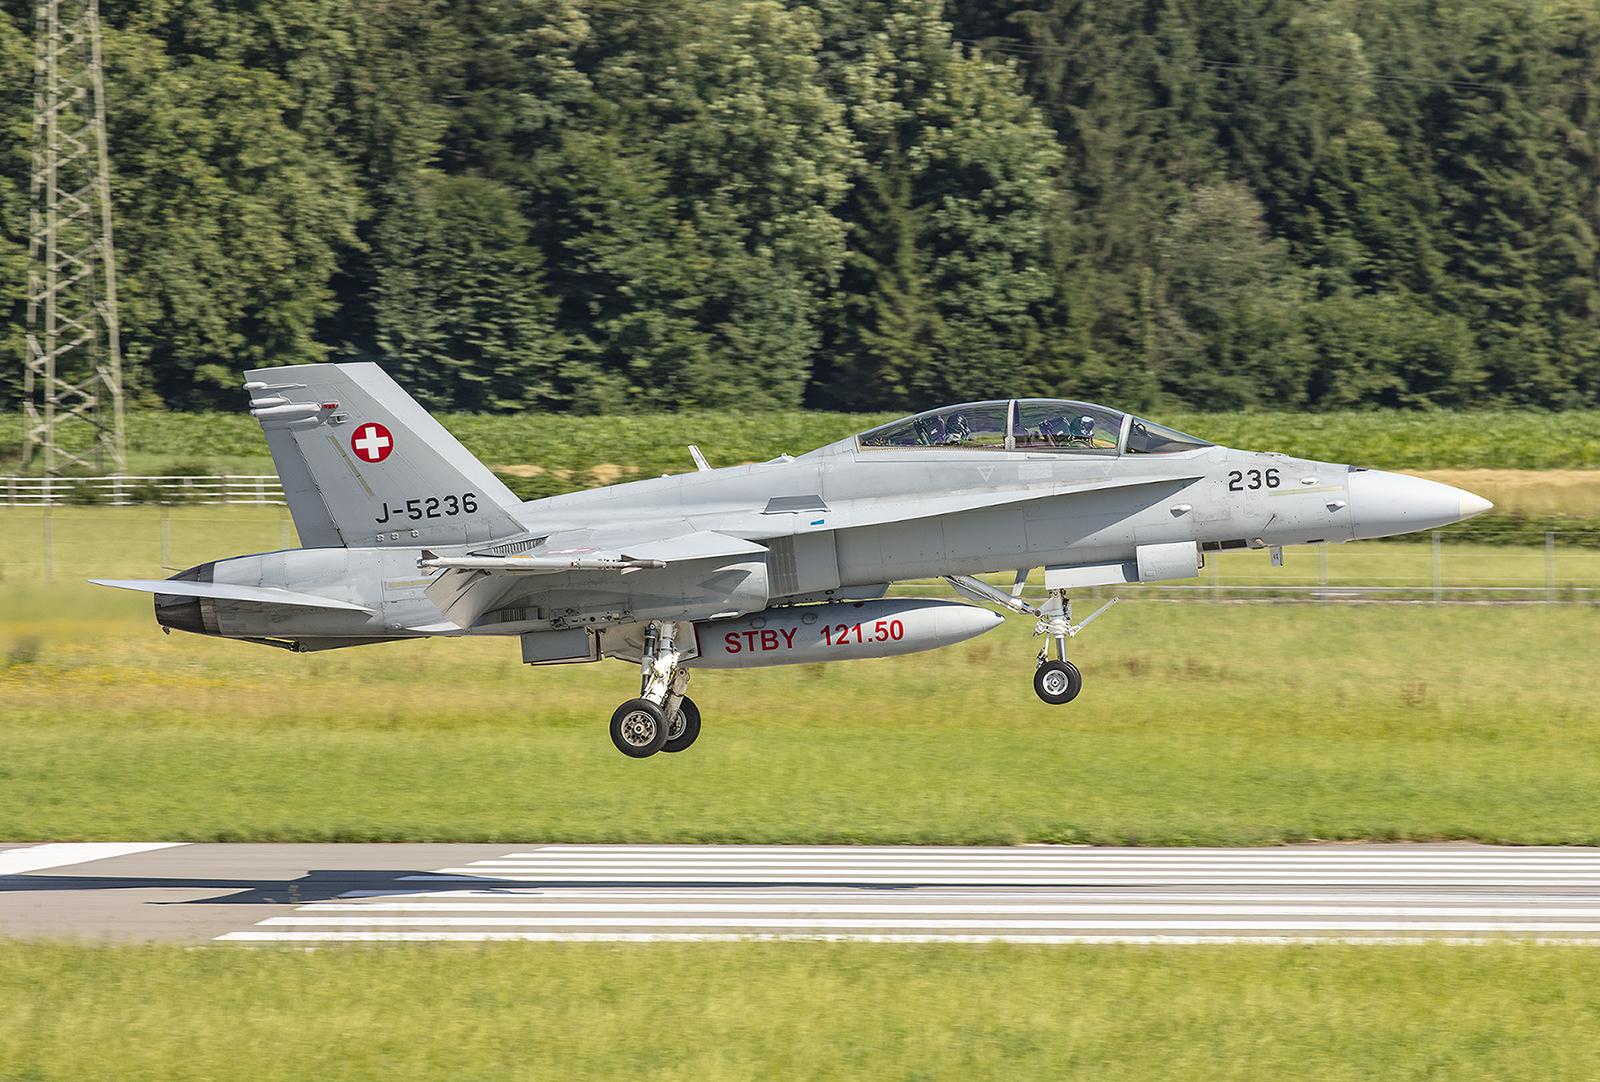 Auch die Zeit der F-18 in der Schweiz ist begrenzt und im Herbst steht eine Volksabstimmung über die Bewilligung eines Nachfolgers an.